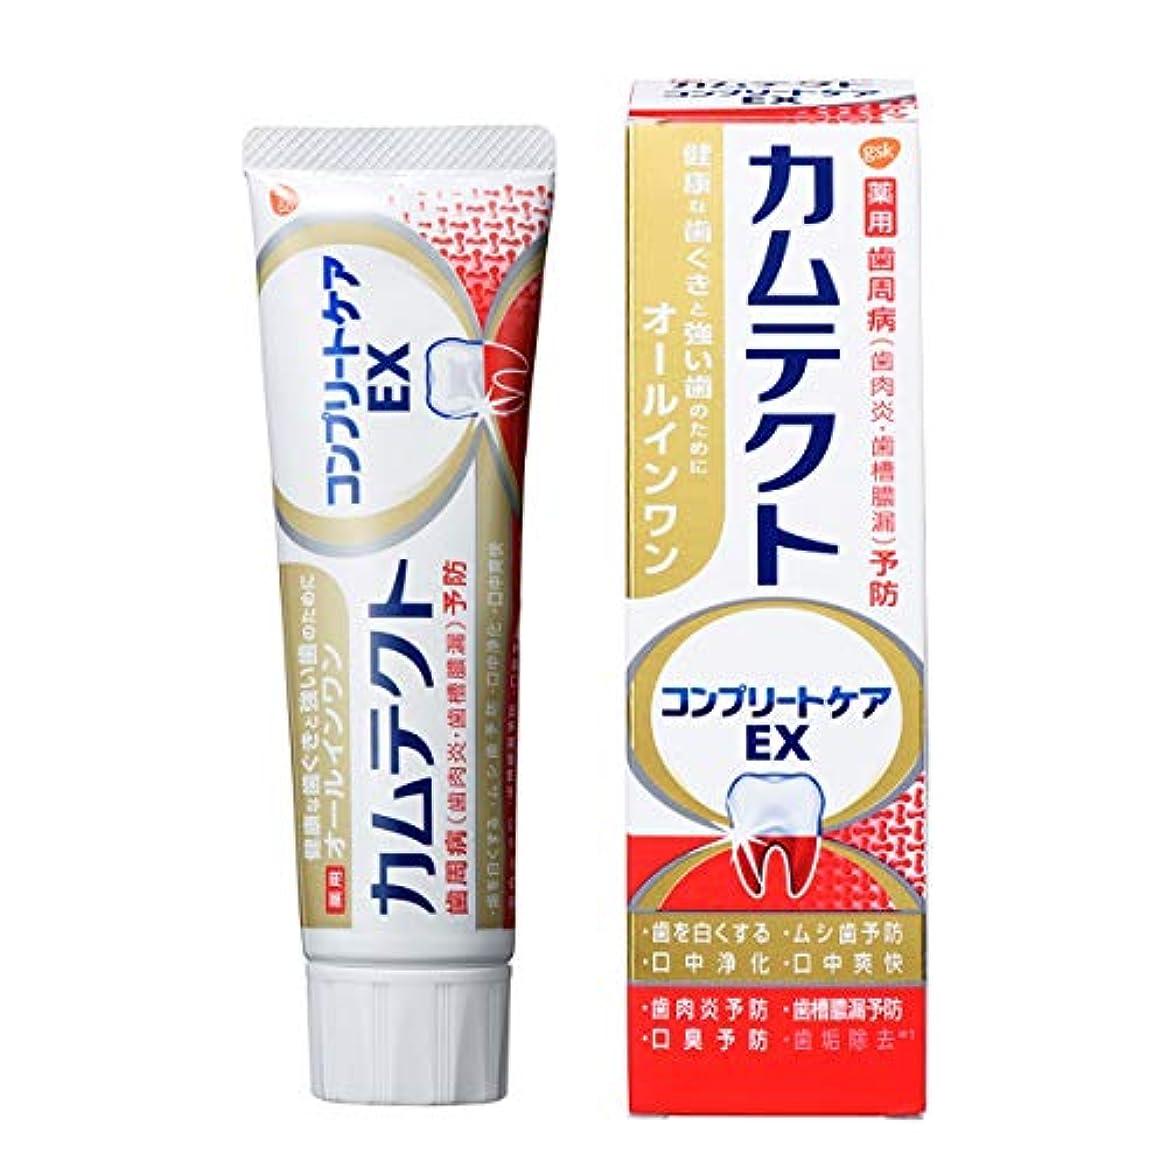 したがって合理的逸脱カムテクト コンプリートケアEX 歯周病(歯肉炎?歯槽膿漏) 予防 歯磨き粉 105g